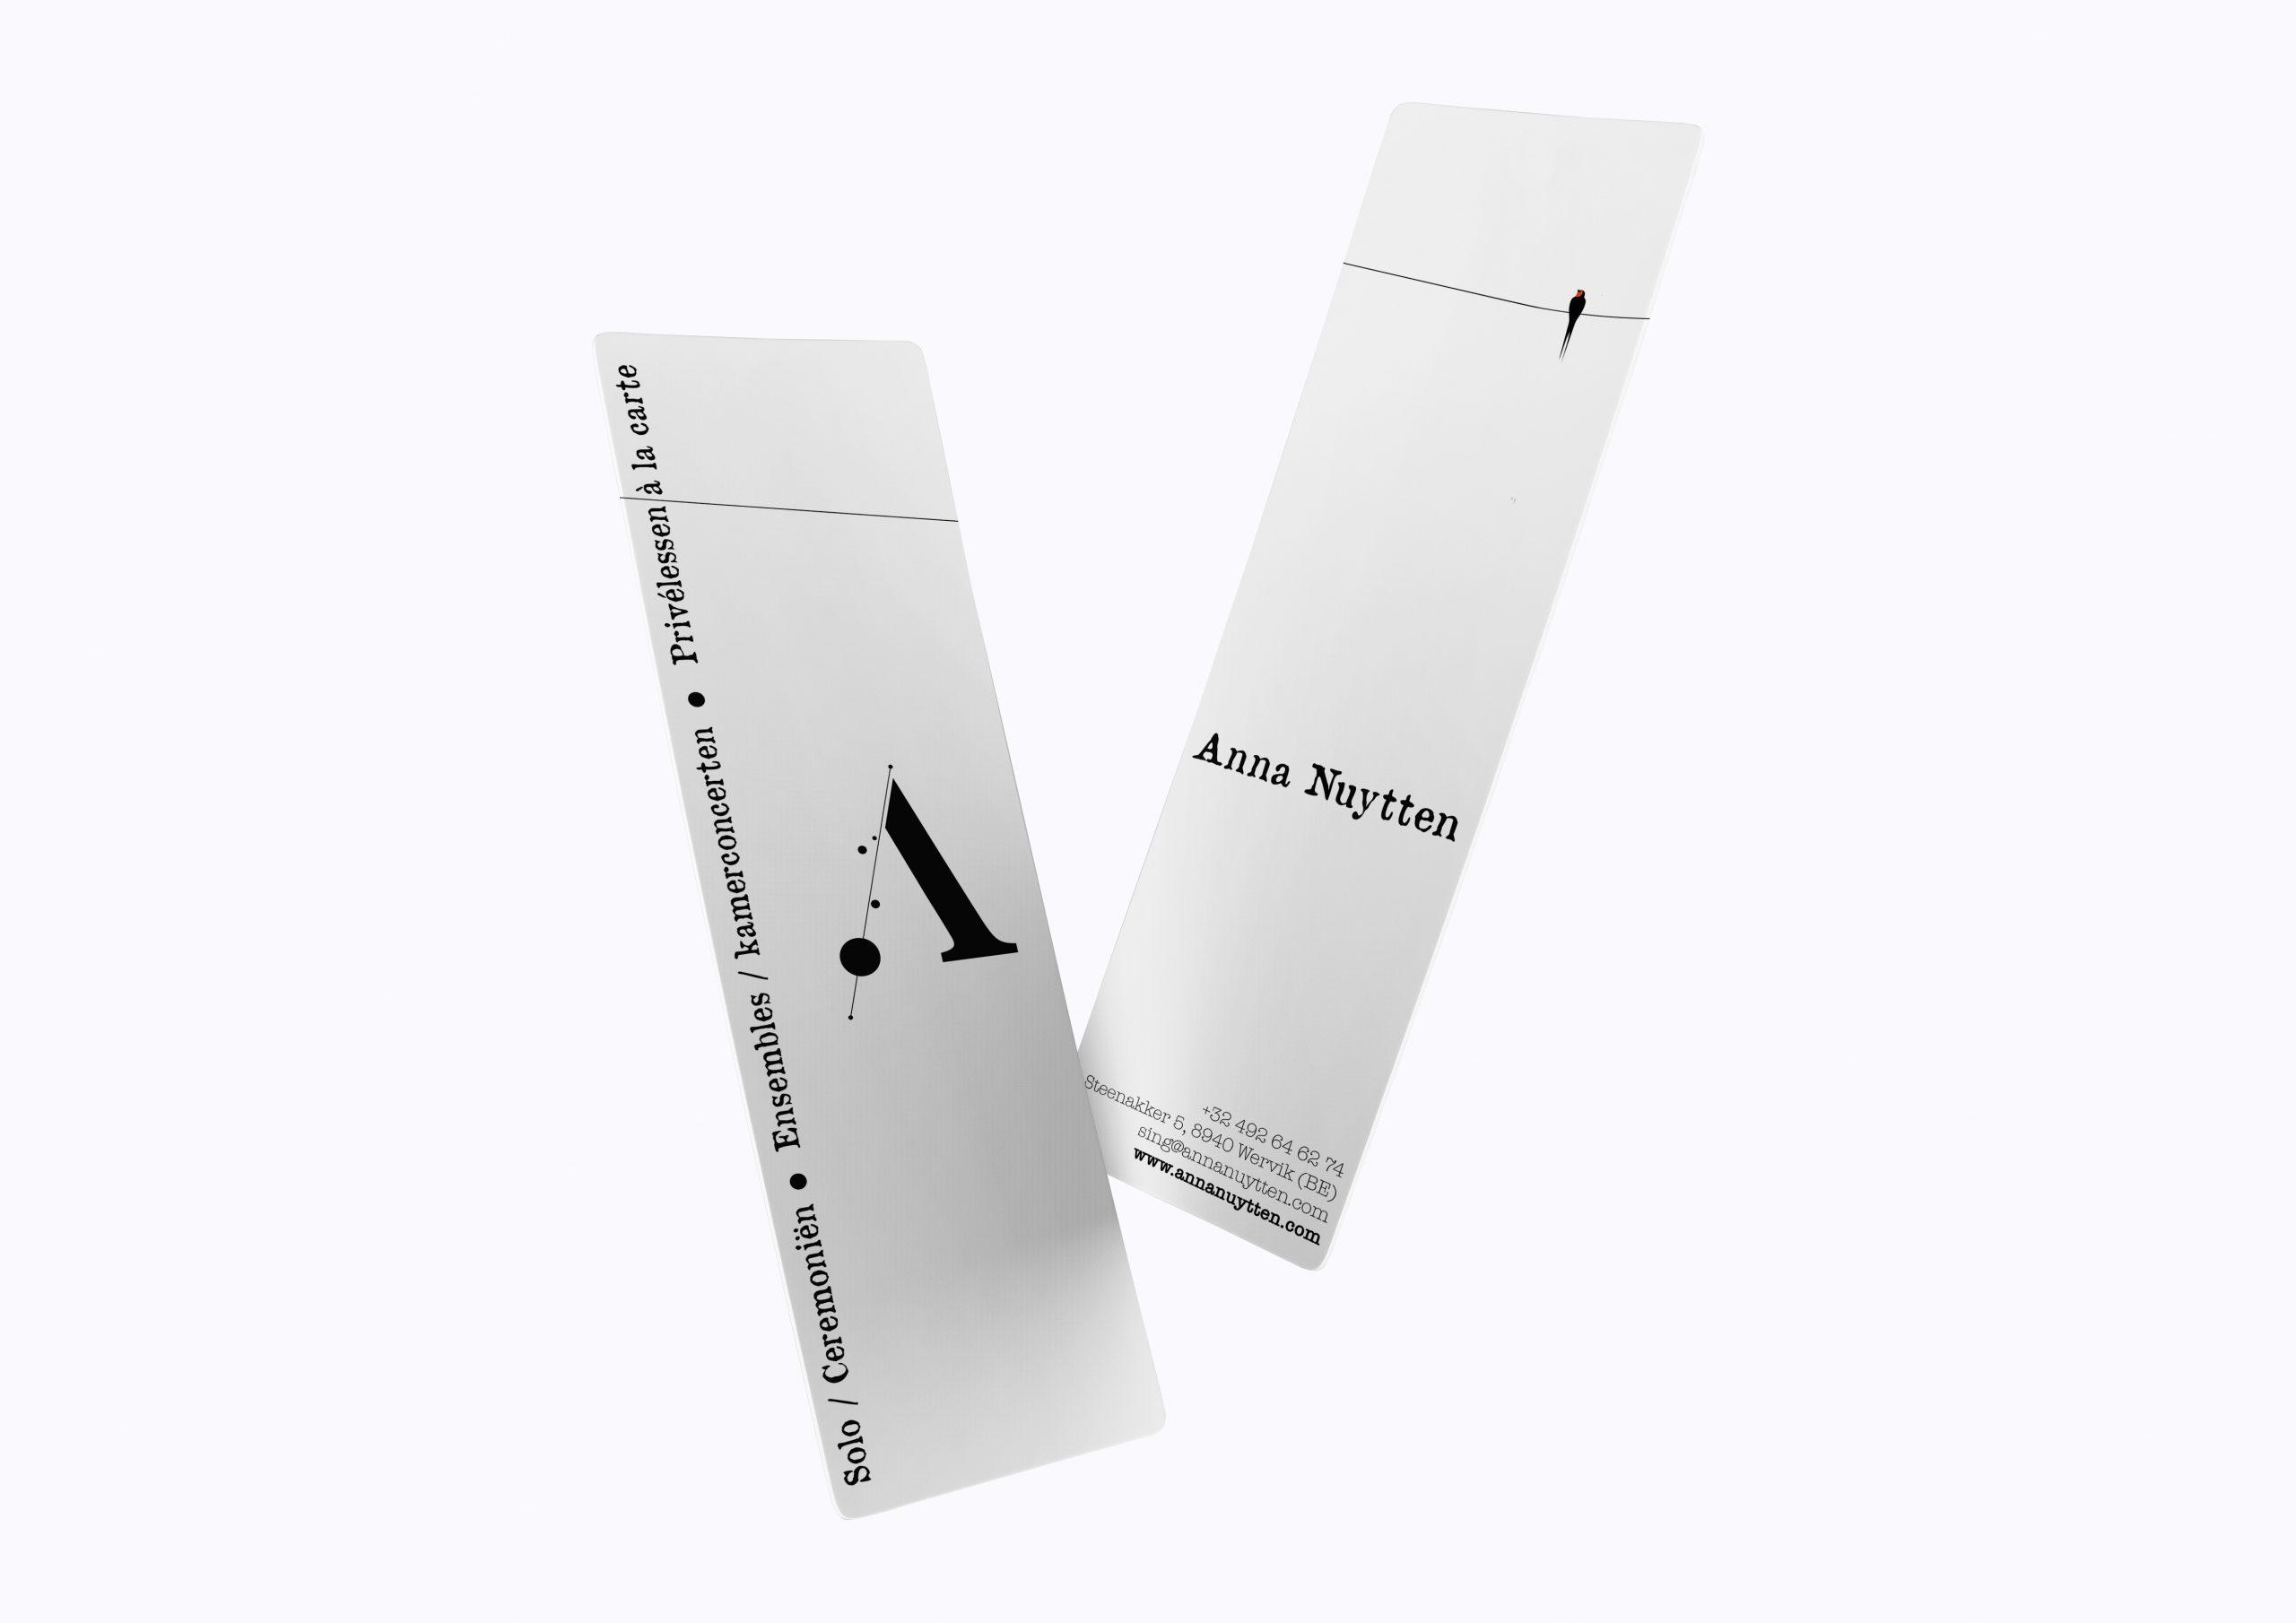 AnnaNuytten_businesscard_Mockup